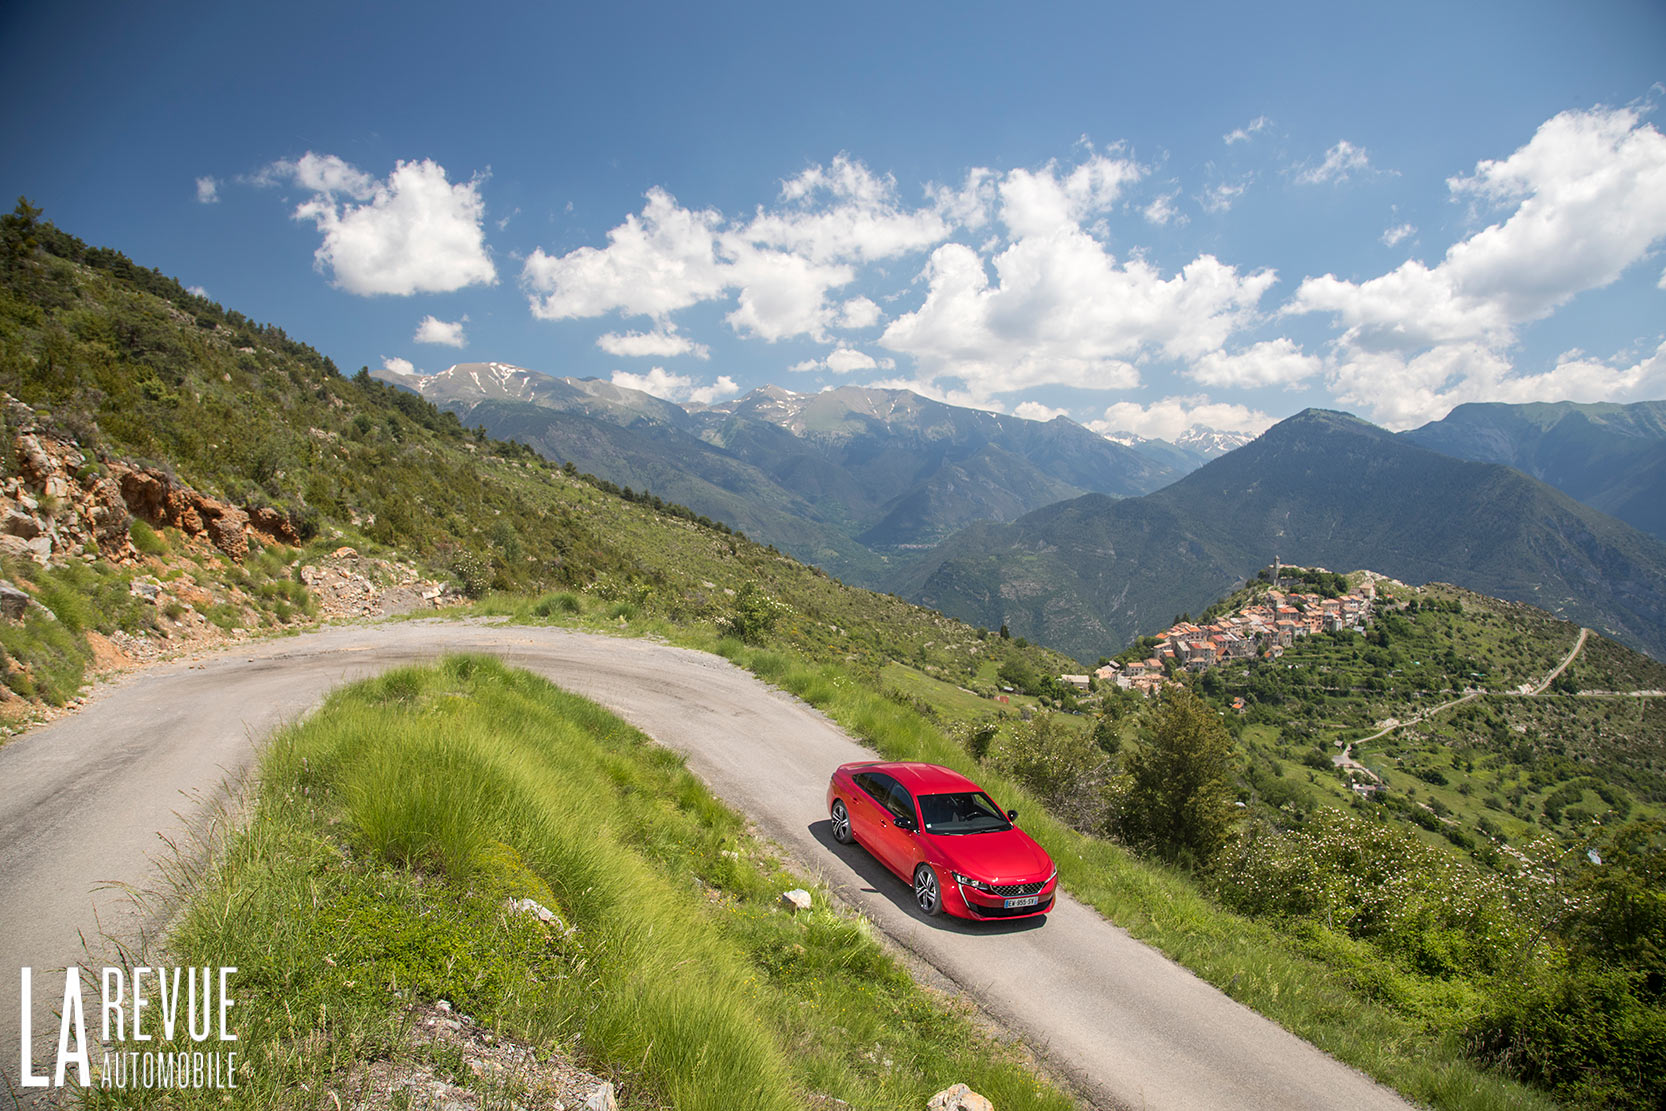 Peugeot 508 II GT et ses 225 chevaux sur une petite route de montagne